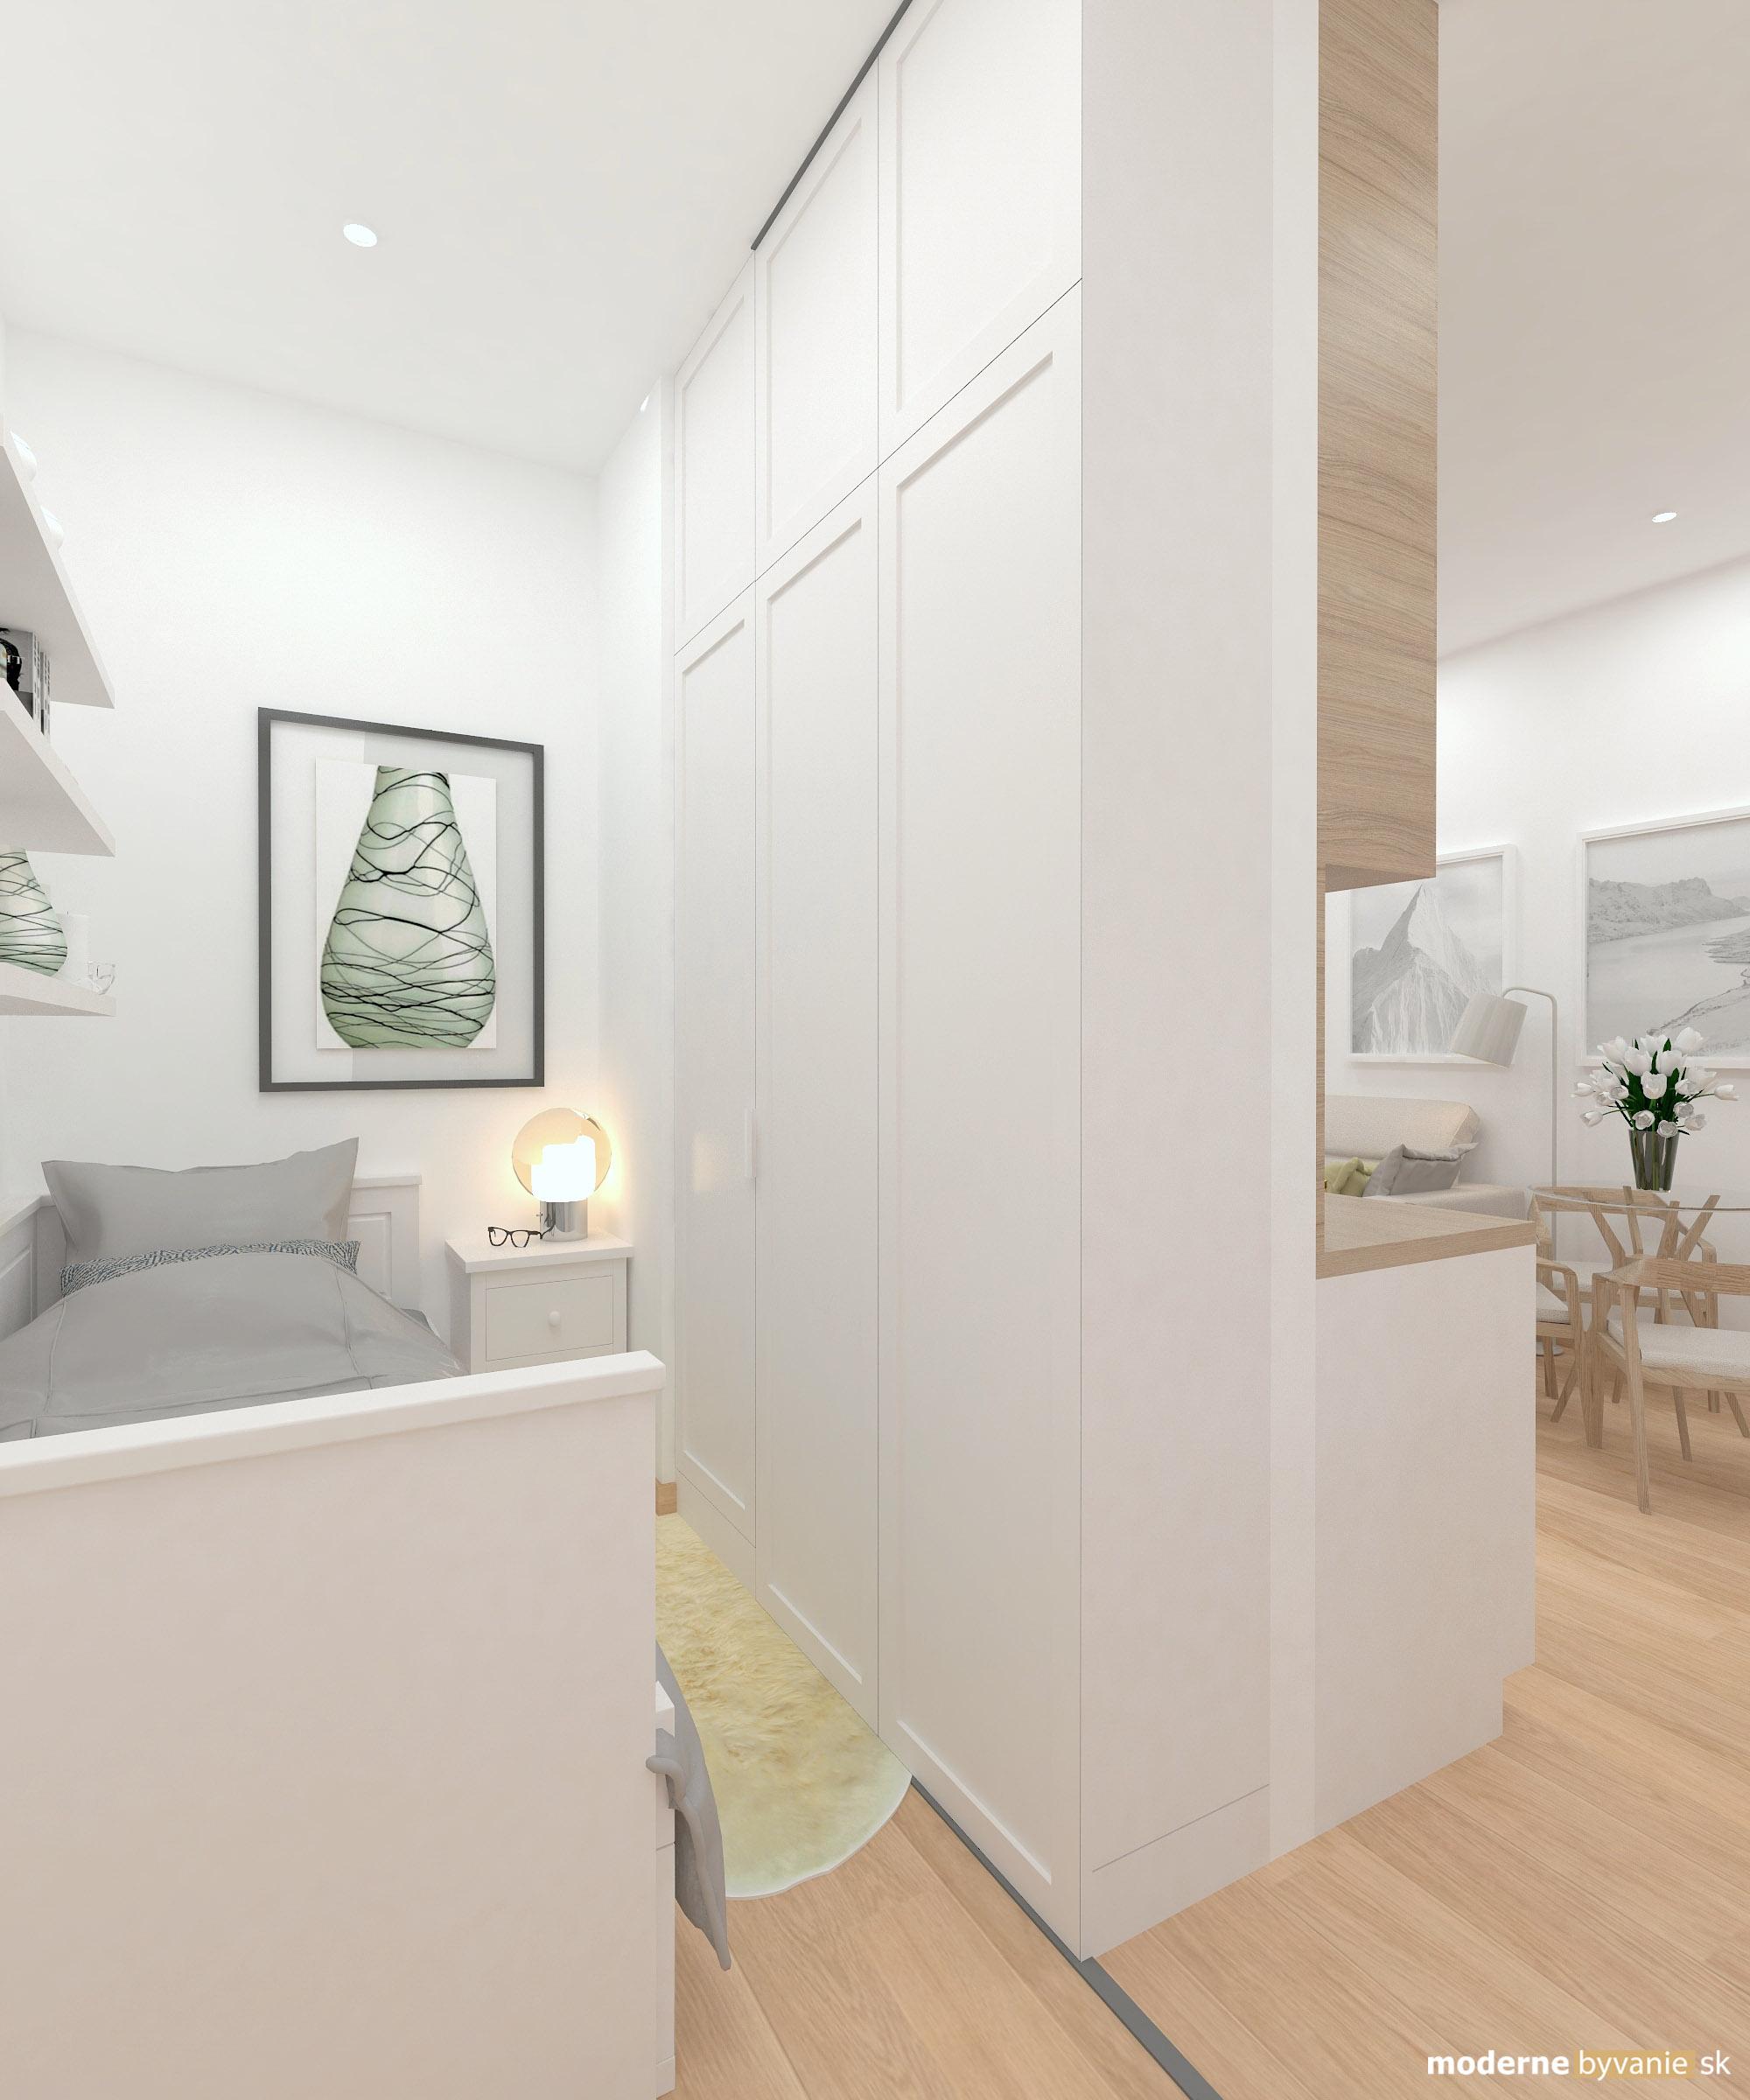 Návrh interiéru - spálňa - Bytový dizajn malého bytu s veľkou izbou